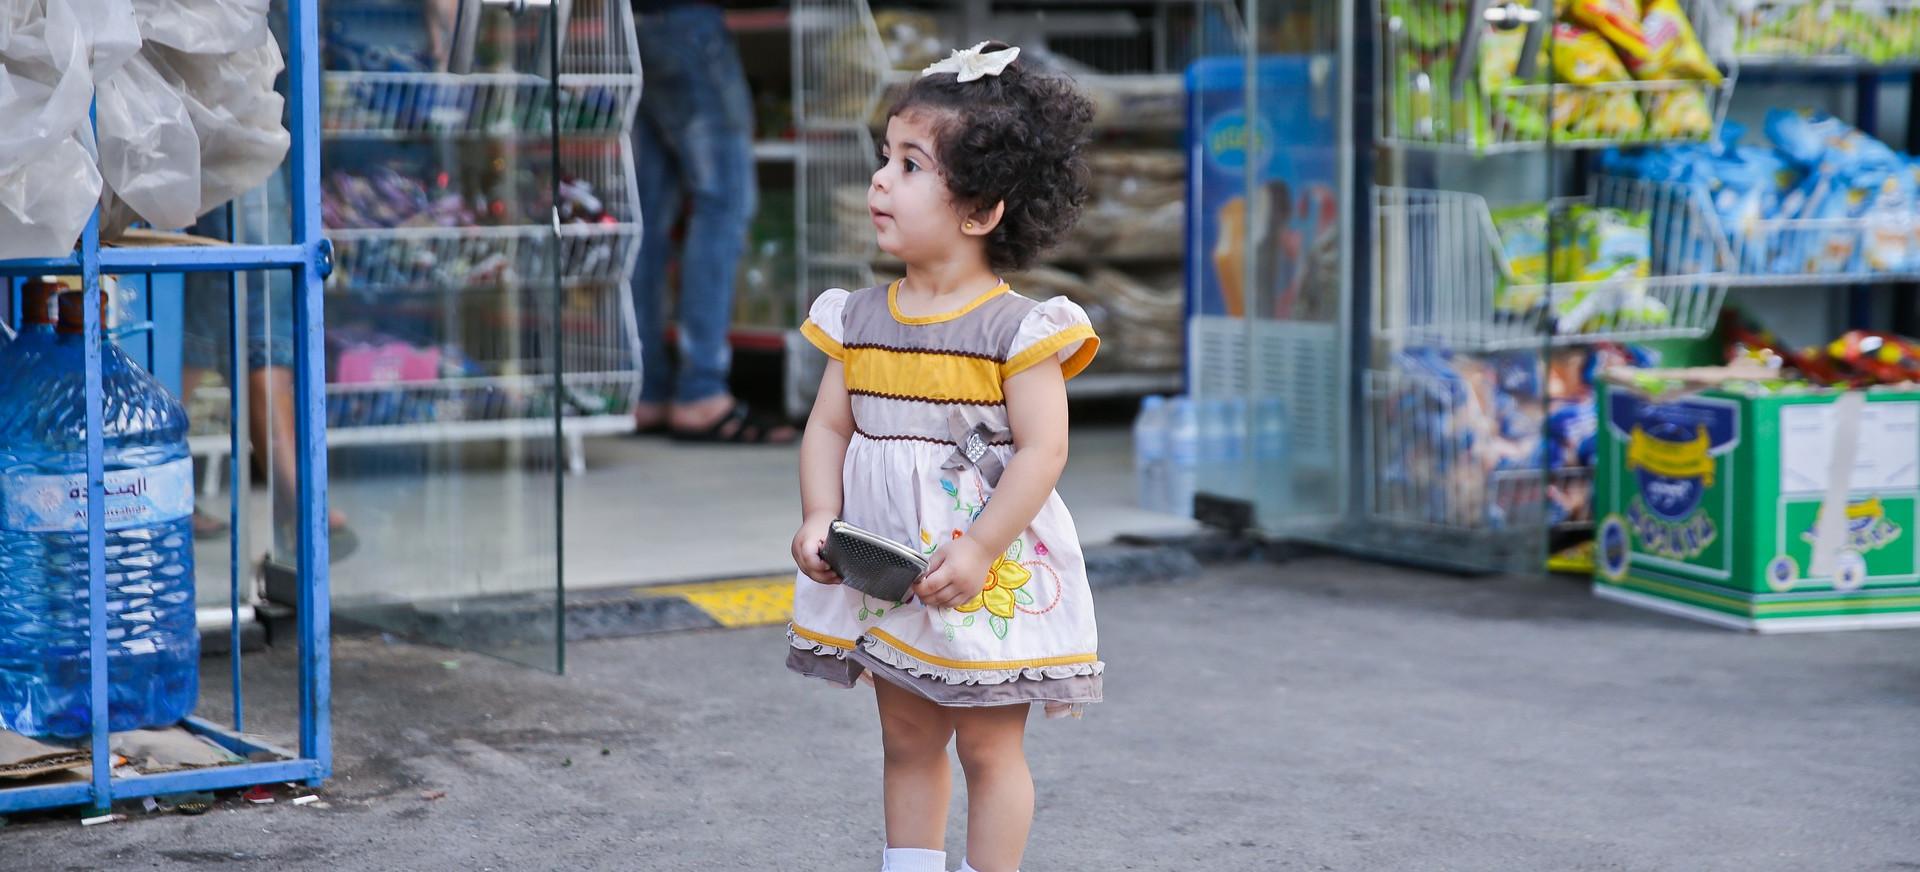 5-latka zgubiła się w markecie. Wcześniej babcia zostawiła ją na placu zabaw